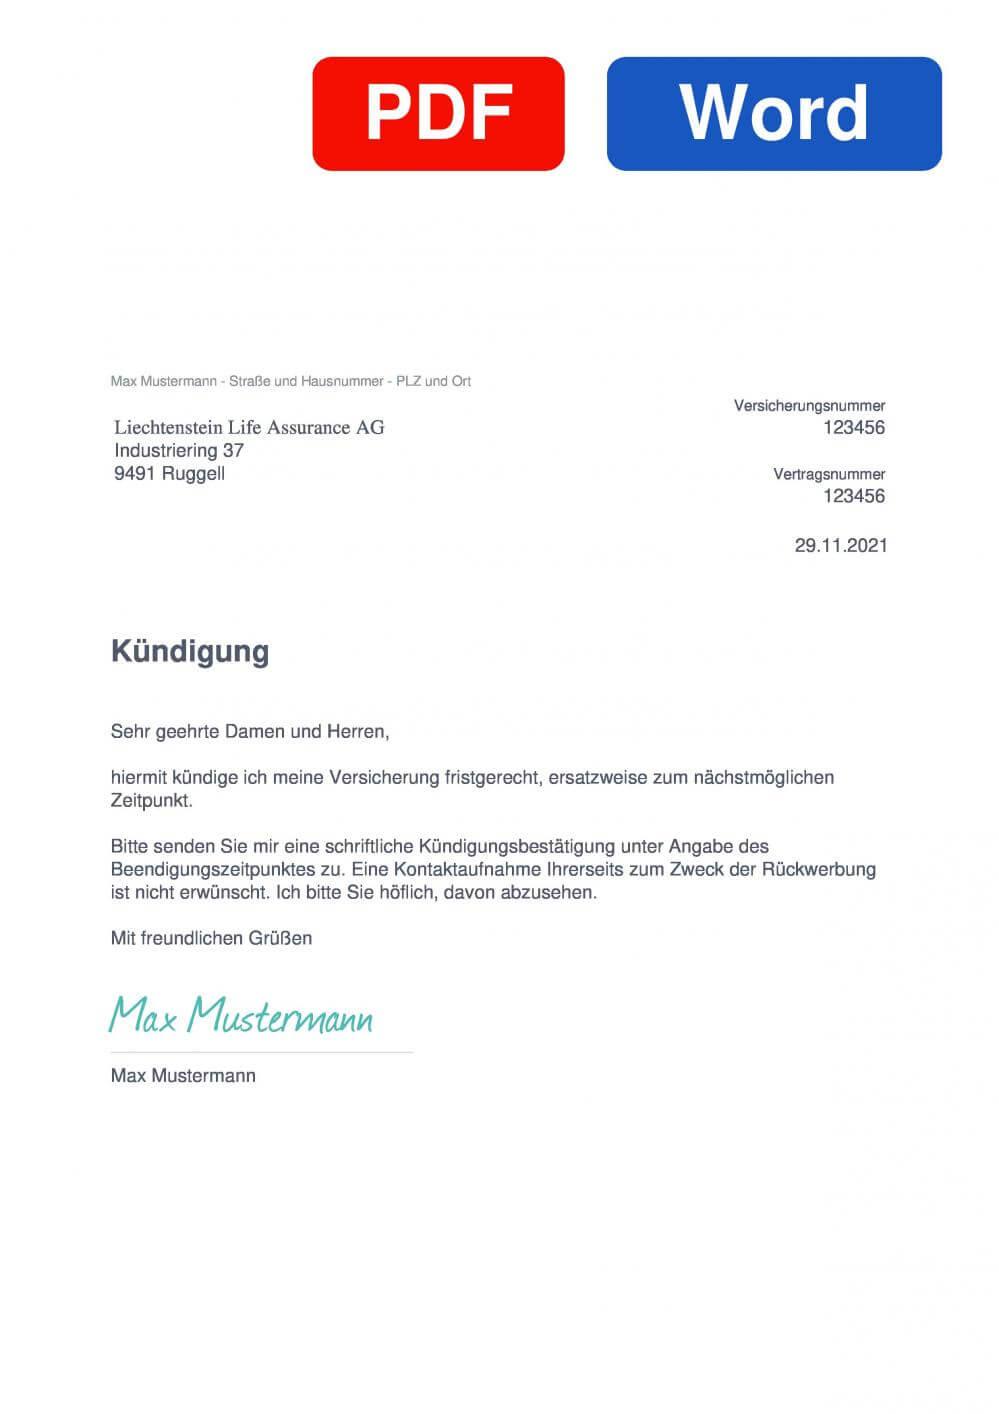 LiechtensteinLife Muster Vorlage für Kündigungsschreiben